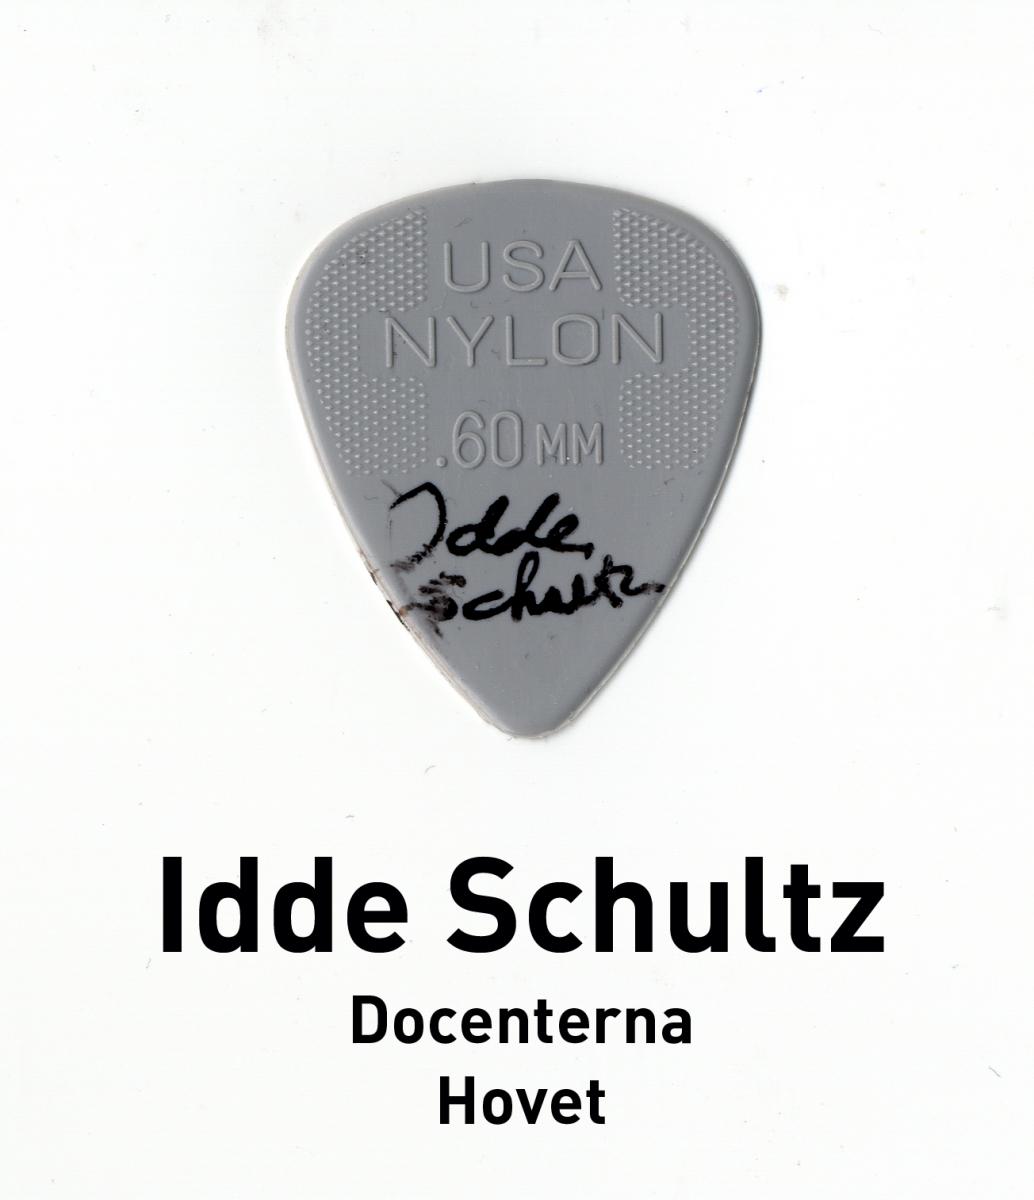 Idde Schultz